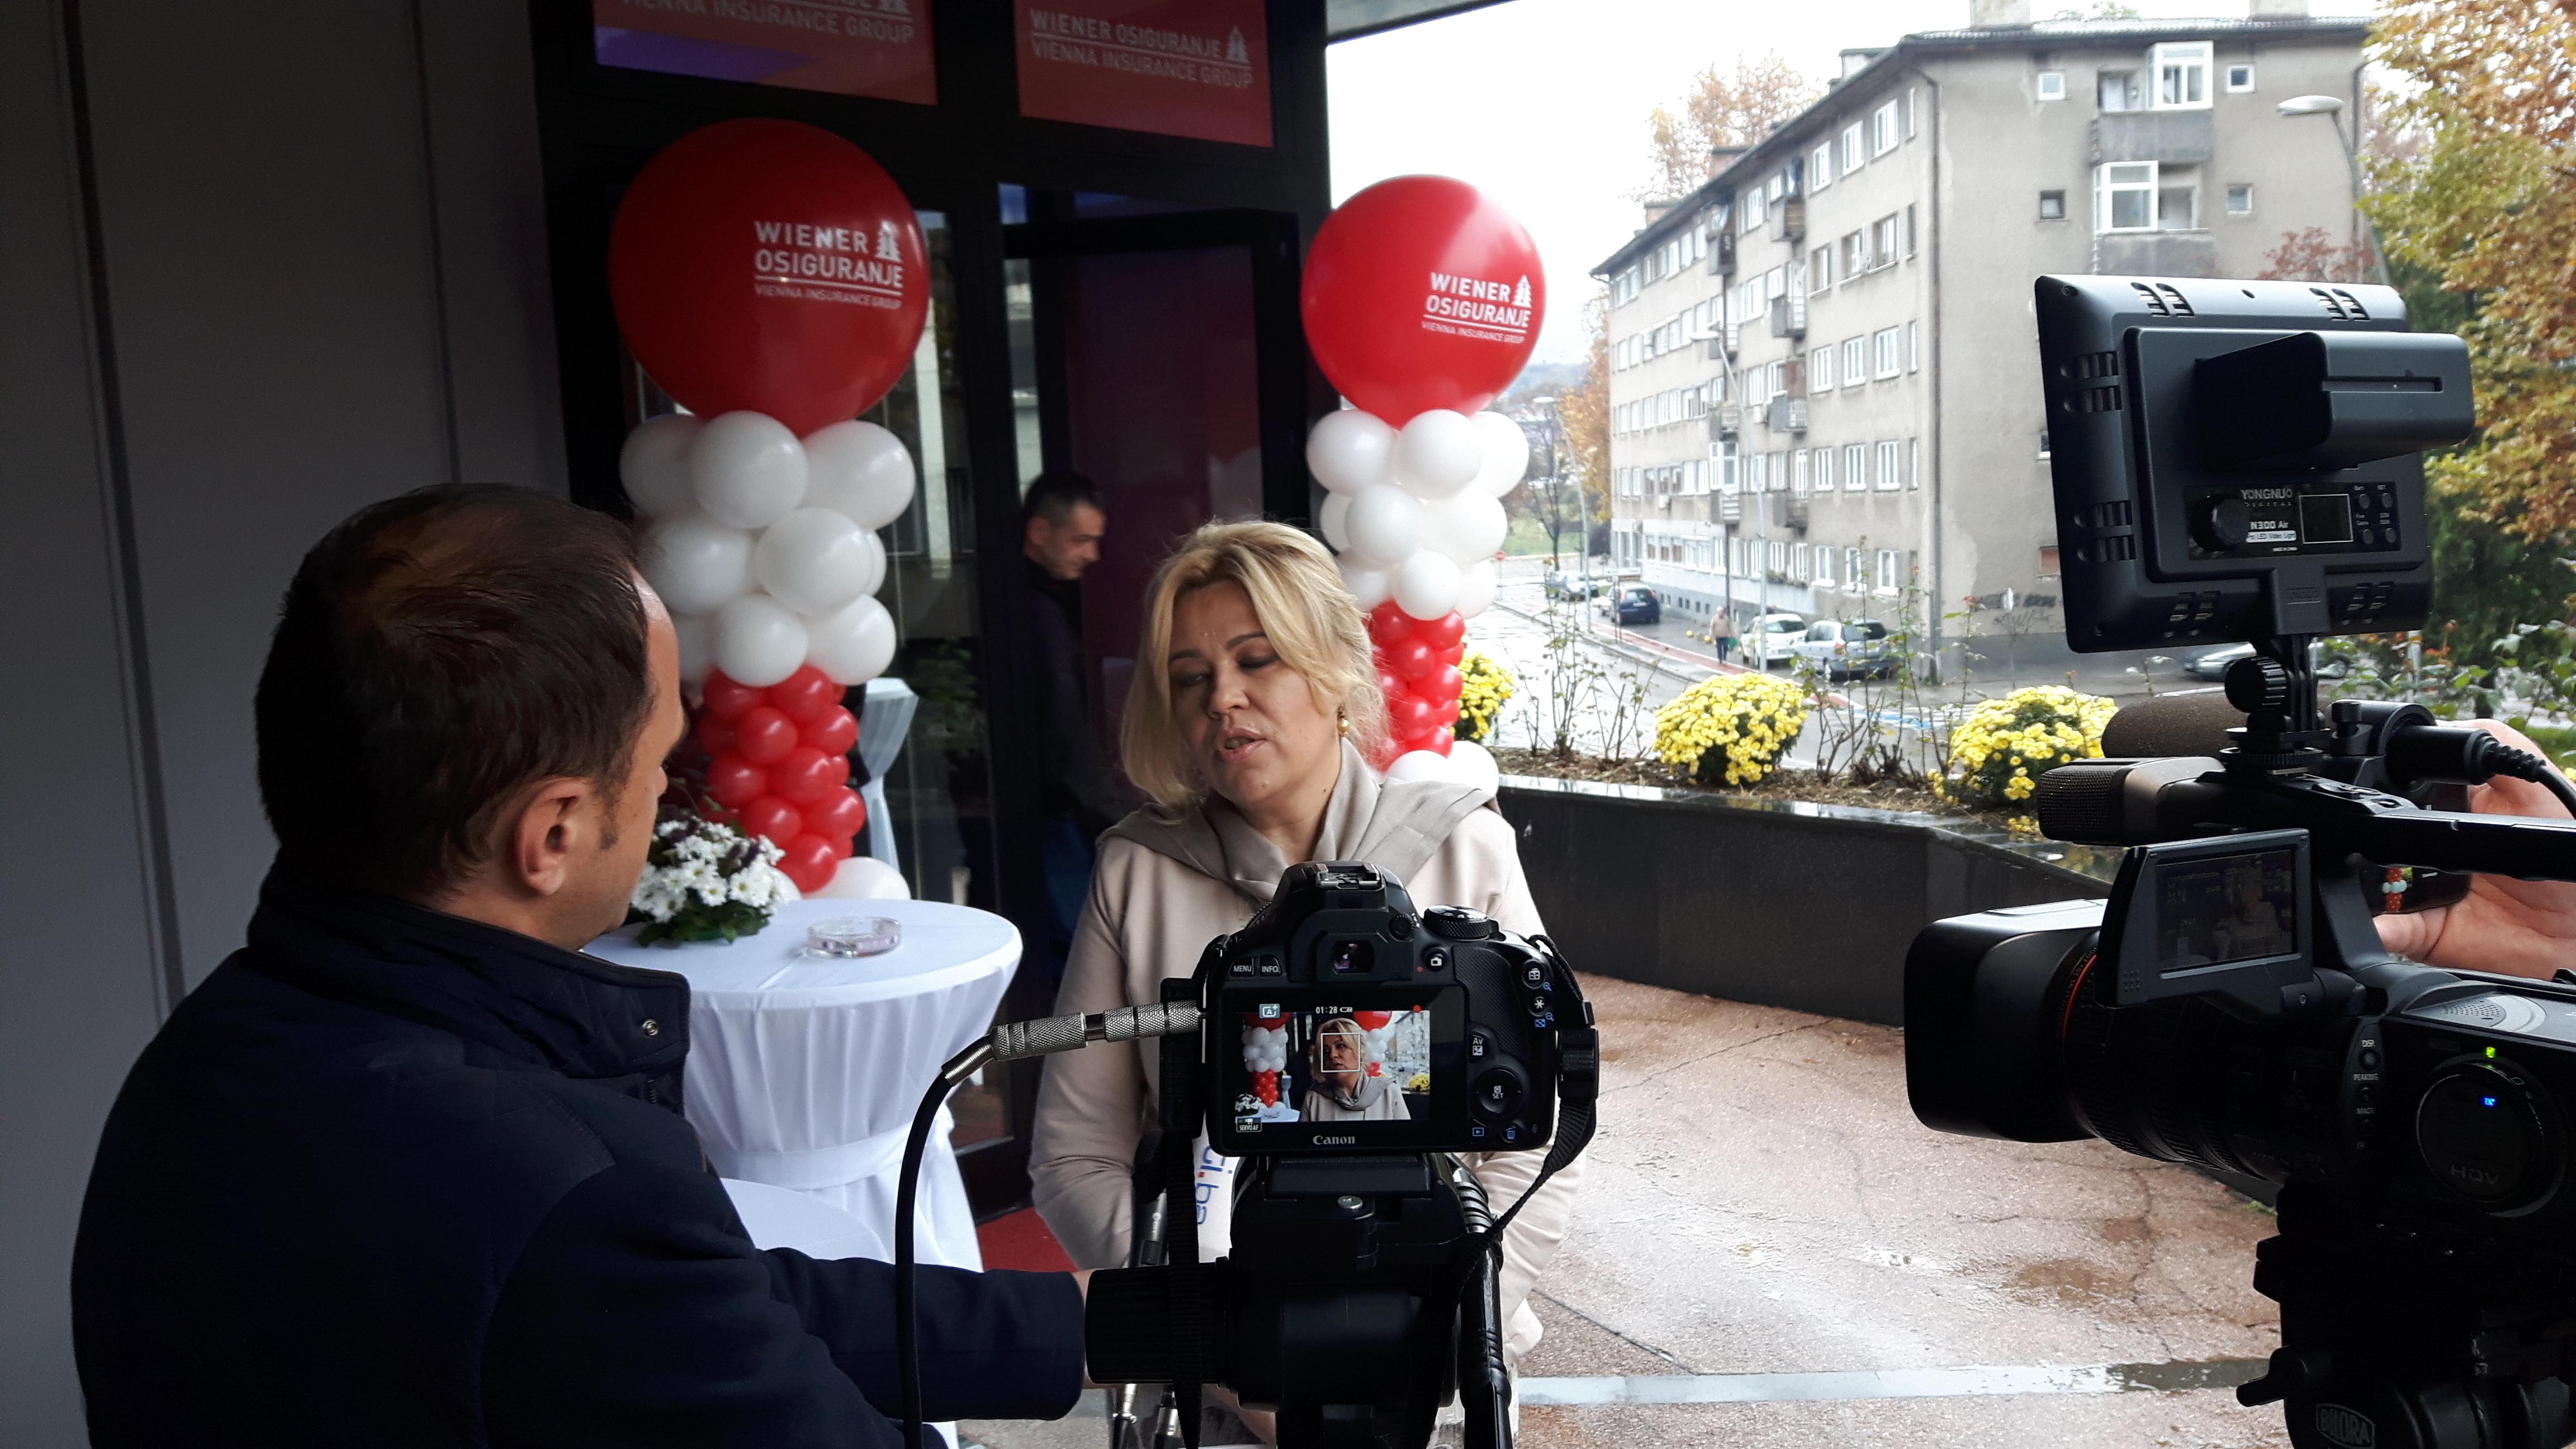 Wiener osiguranje u Zenici, svečano, na novoj adresi sa novim direktorom